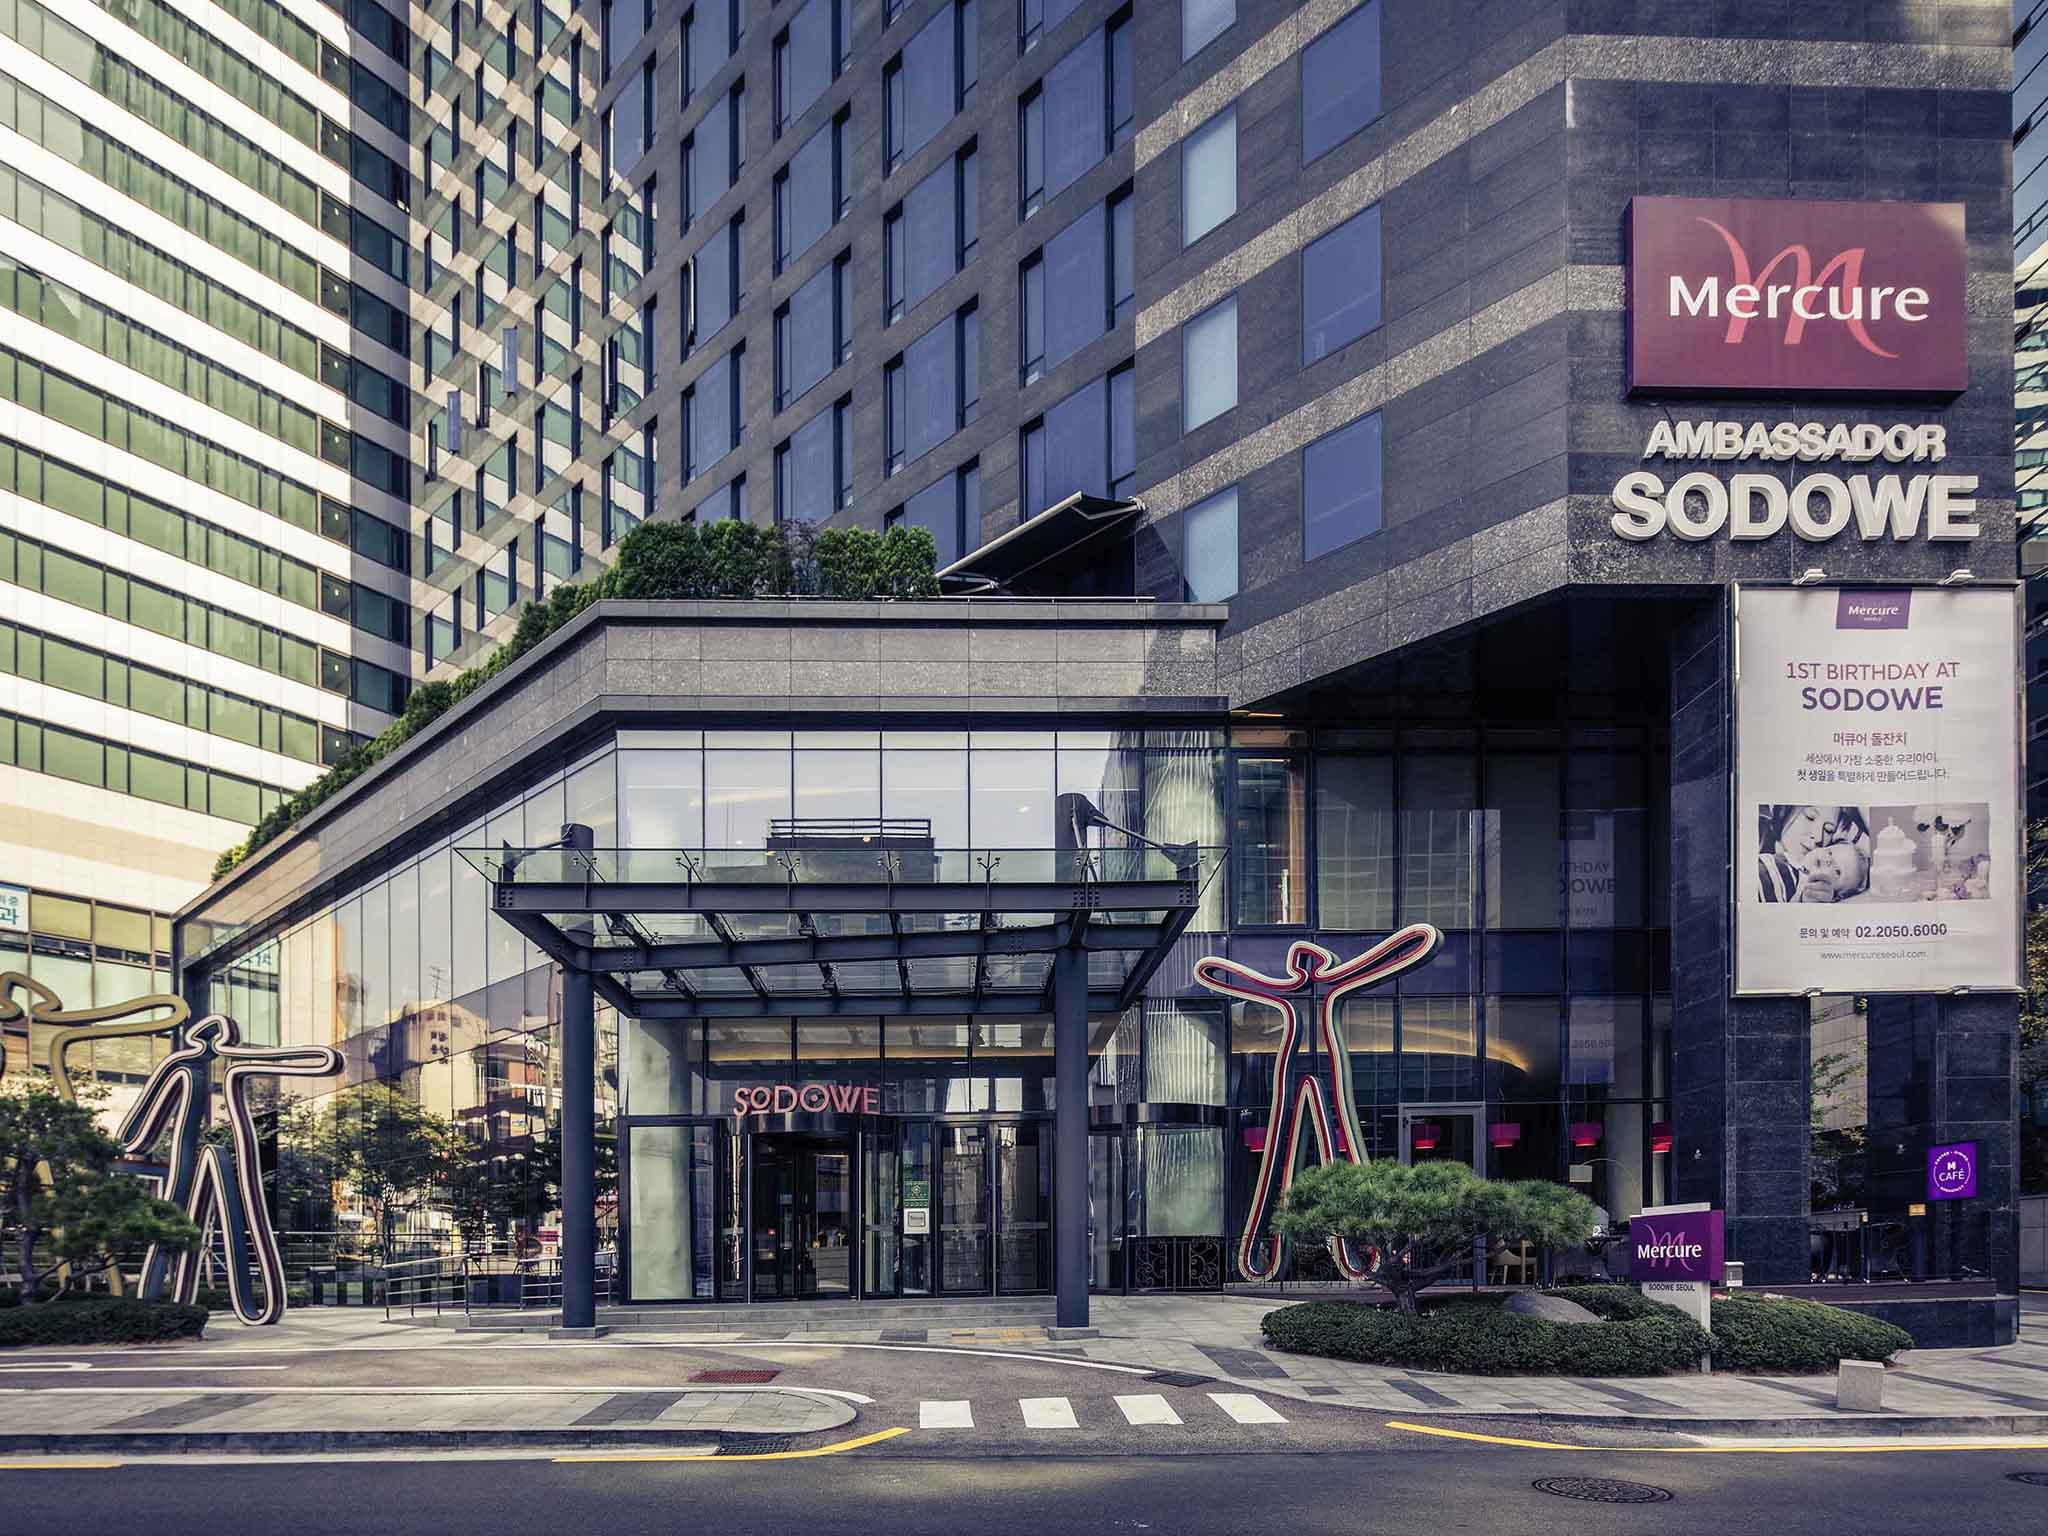 فندق - فندق مركيور Mercure أمباسادور سيول جانجنام سودوي